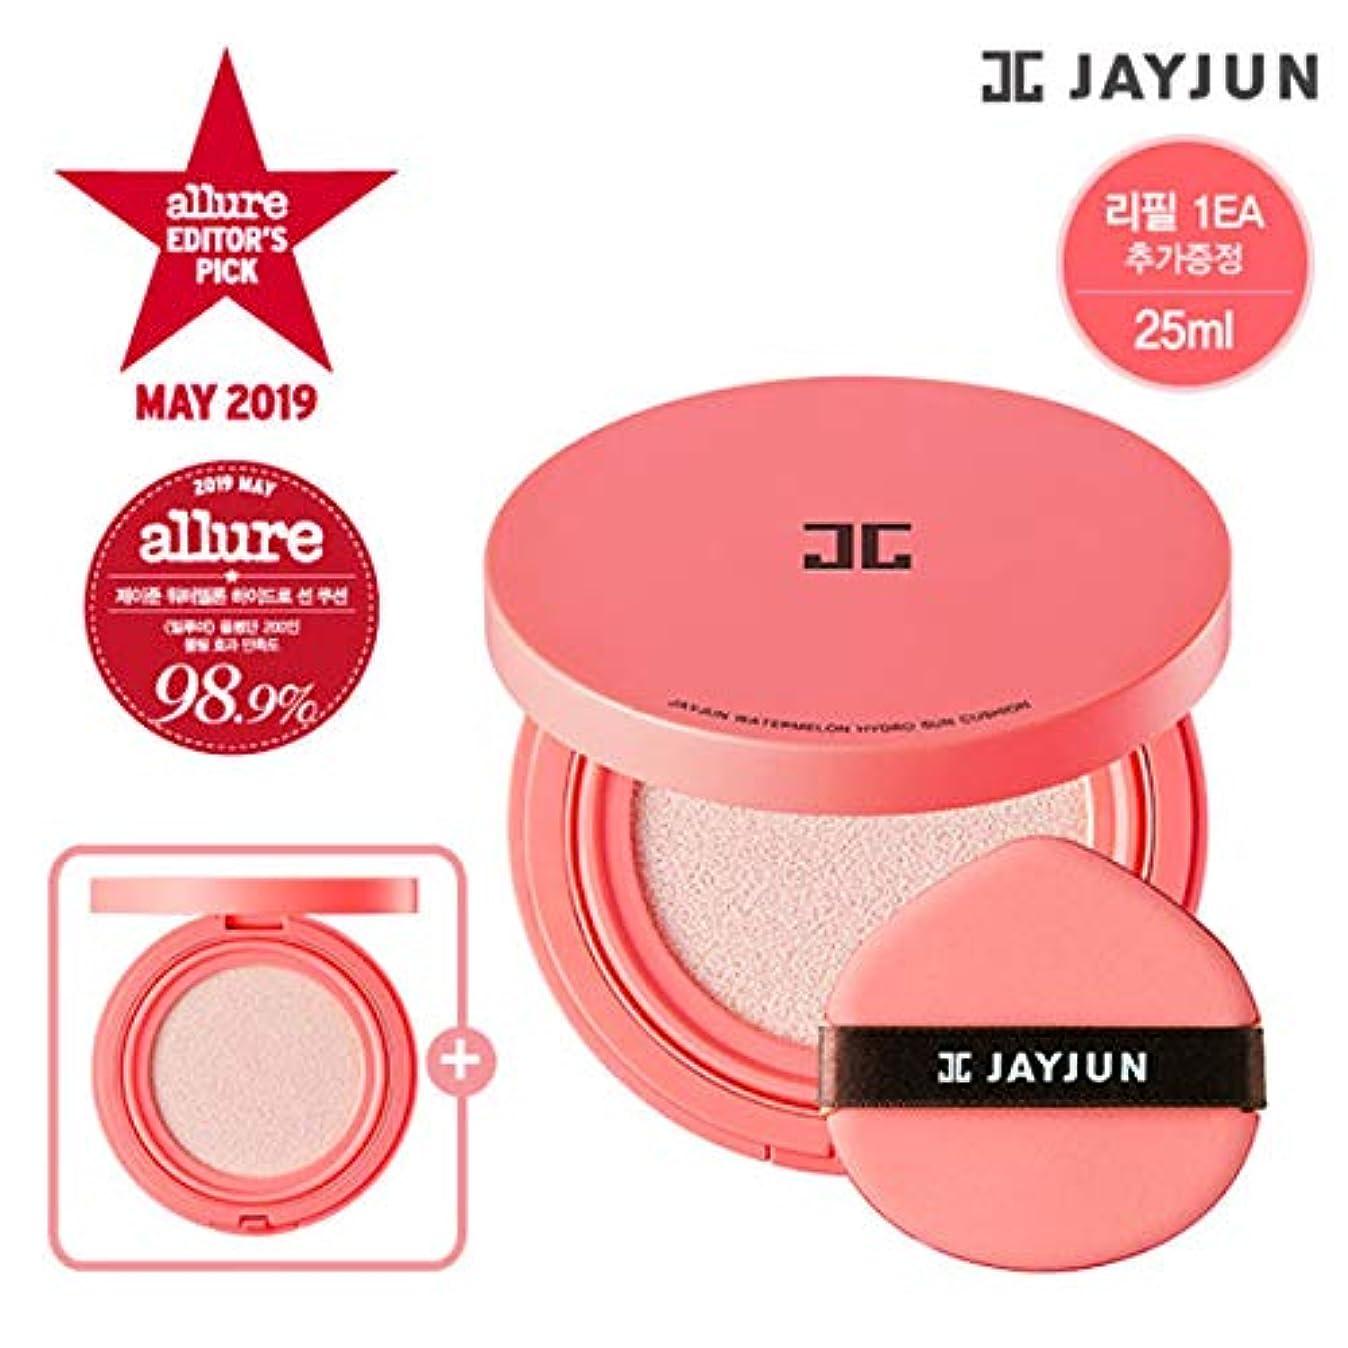 シングル消える抽象化ジェイジュン スイカハイドロサンクッション SPF50+/PA++++ / Jayjun Watermelon Hydro Sun Cushion (本品 25g + 詰め替え 25g)